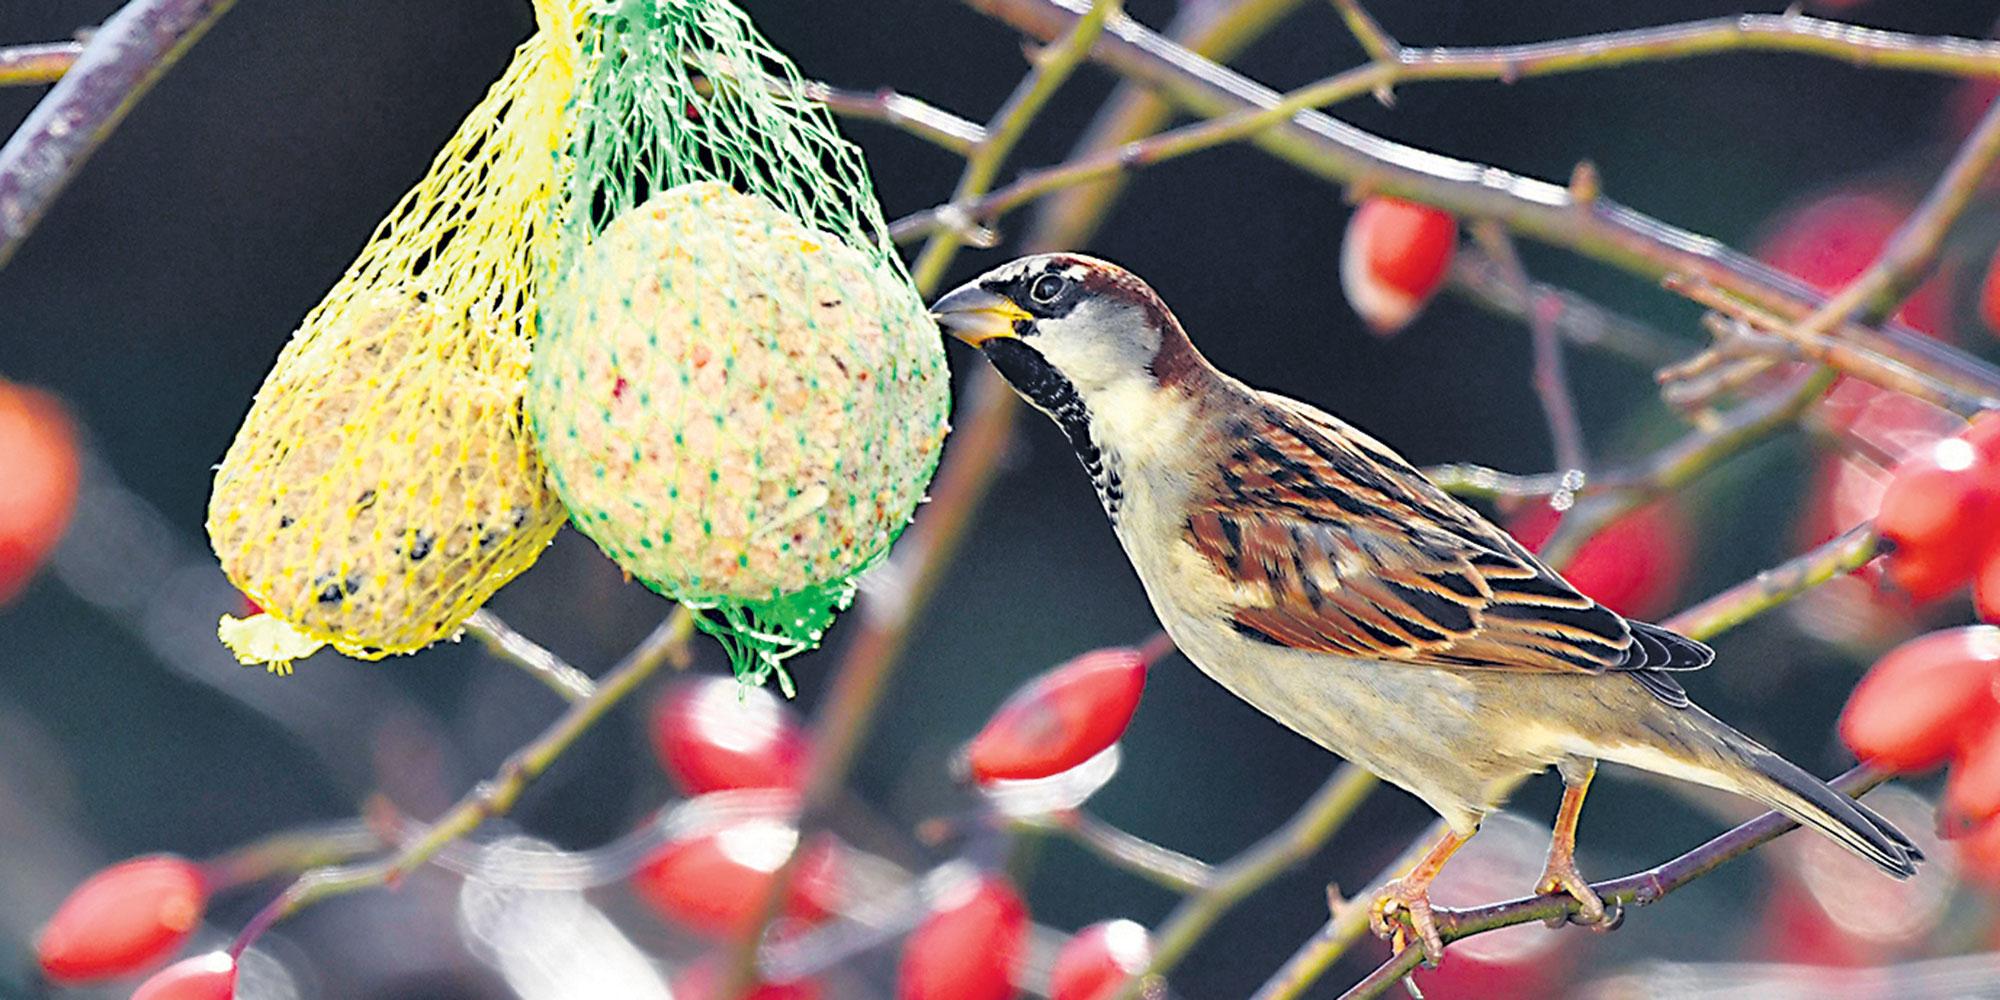 """Nourrir Les Oiseaux Sauvages, """"un Antidépresseur Gratuit"""" concernant Images D Oiseaux Gratuites"""